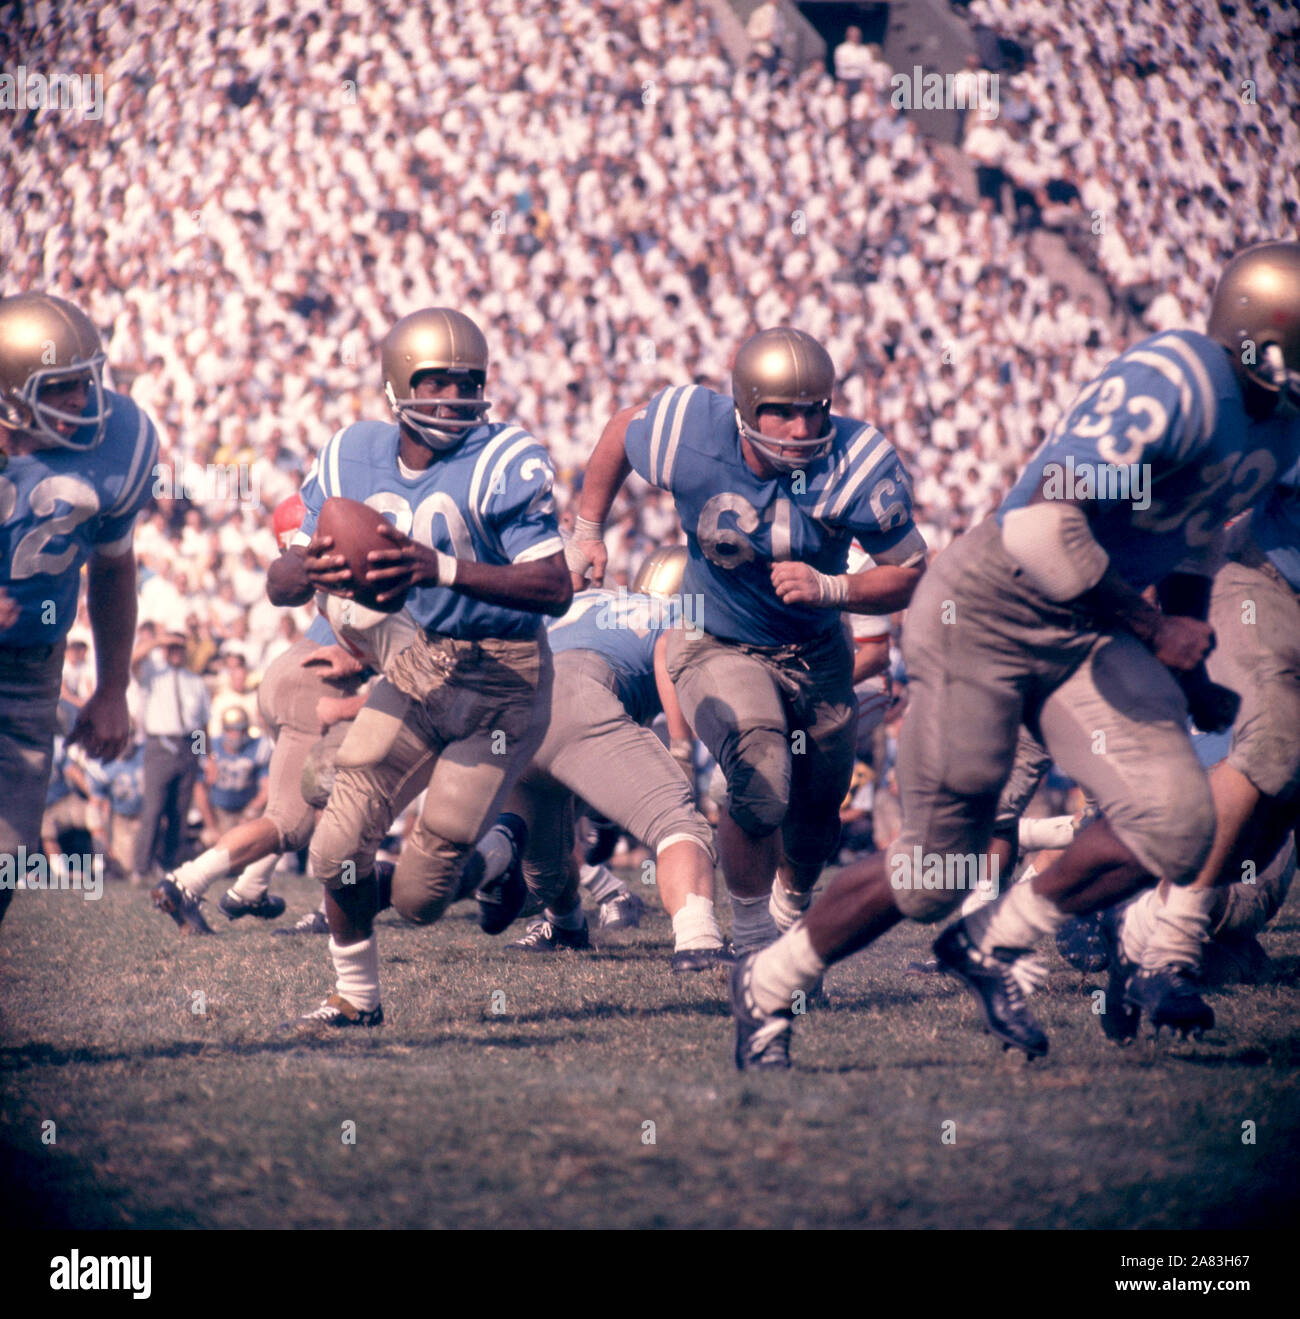 LOS ANGELES, CA - 6 ottobre: Singleton Ezell #20 del UCLA Bruins corre con la palla come il suo compagno di squadra Dave Stout #61 corre per blocco durante un gioco di NCAA contro la Ohio State Buckeyes il 6 ottobre 1962 presso il Los Angeles Memorial Coliseum di Los Angeles, California. (Foto di Hy Peskin) (numero impostato: X8760).Caption locale *** Ezell Singleton;Dave Stout Foto Stock